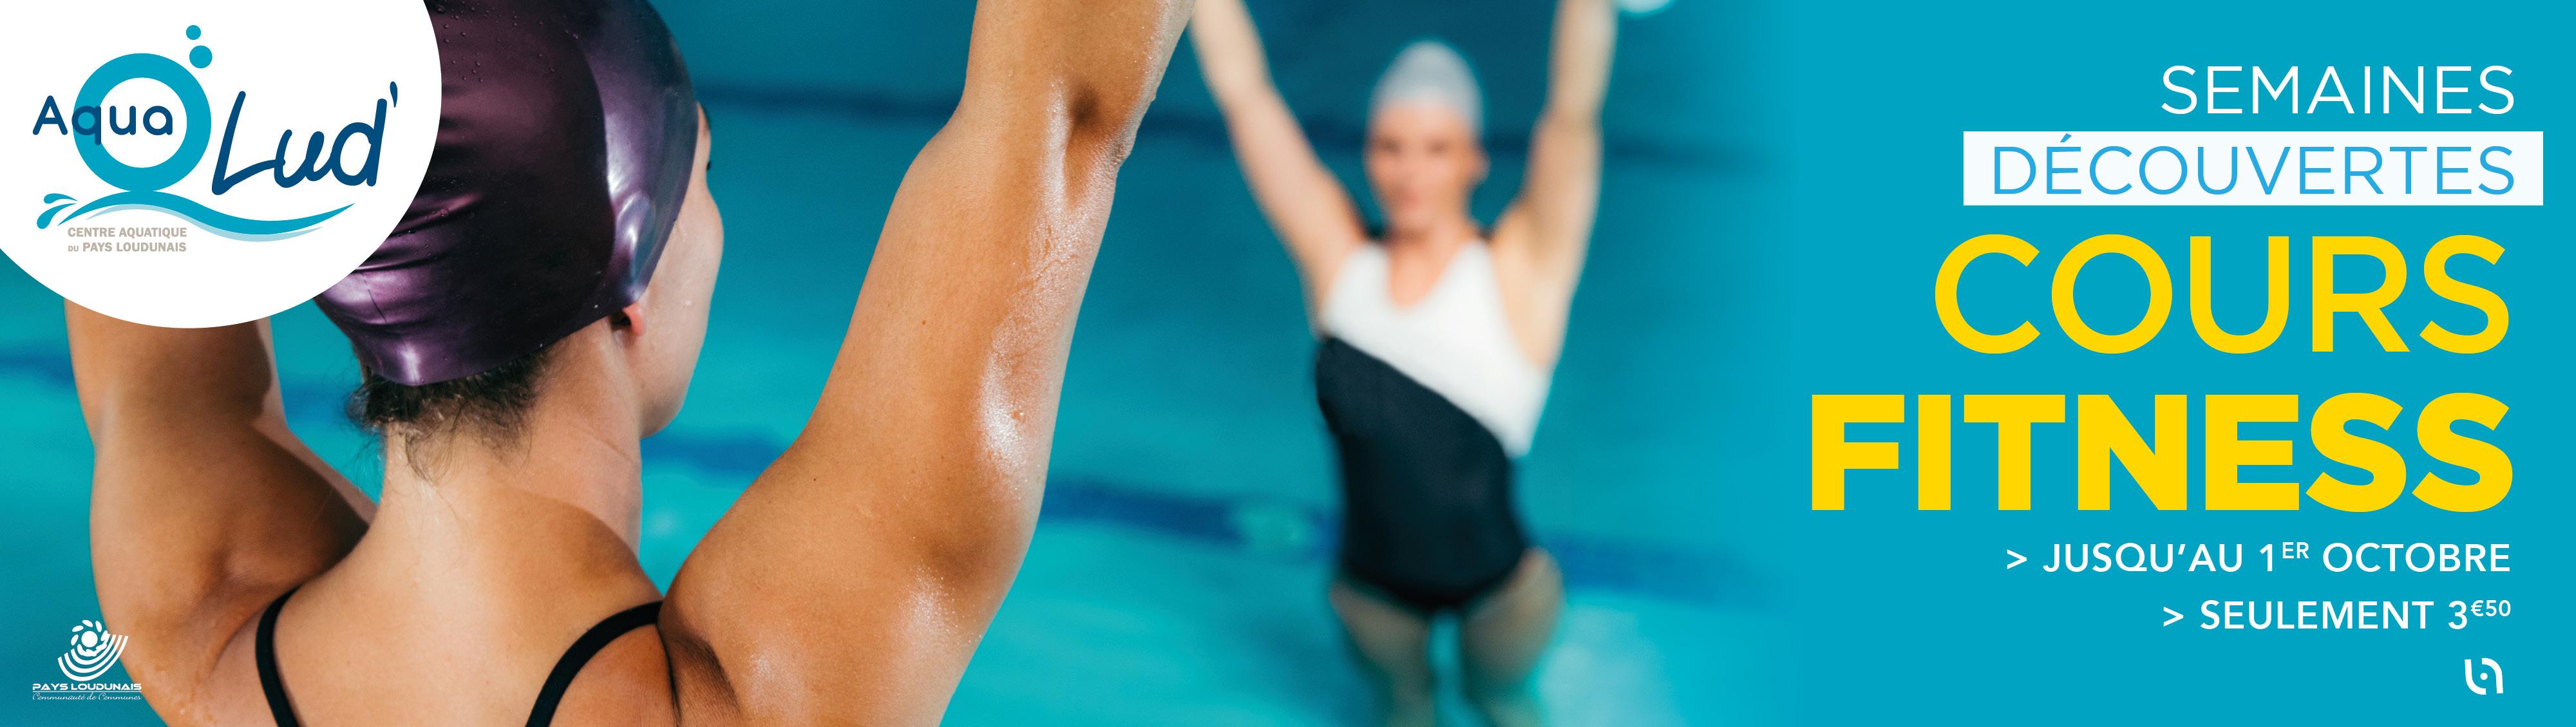 Semaines découvertes - cours fitness